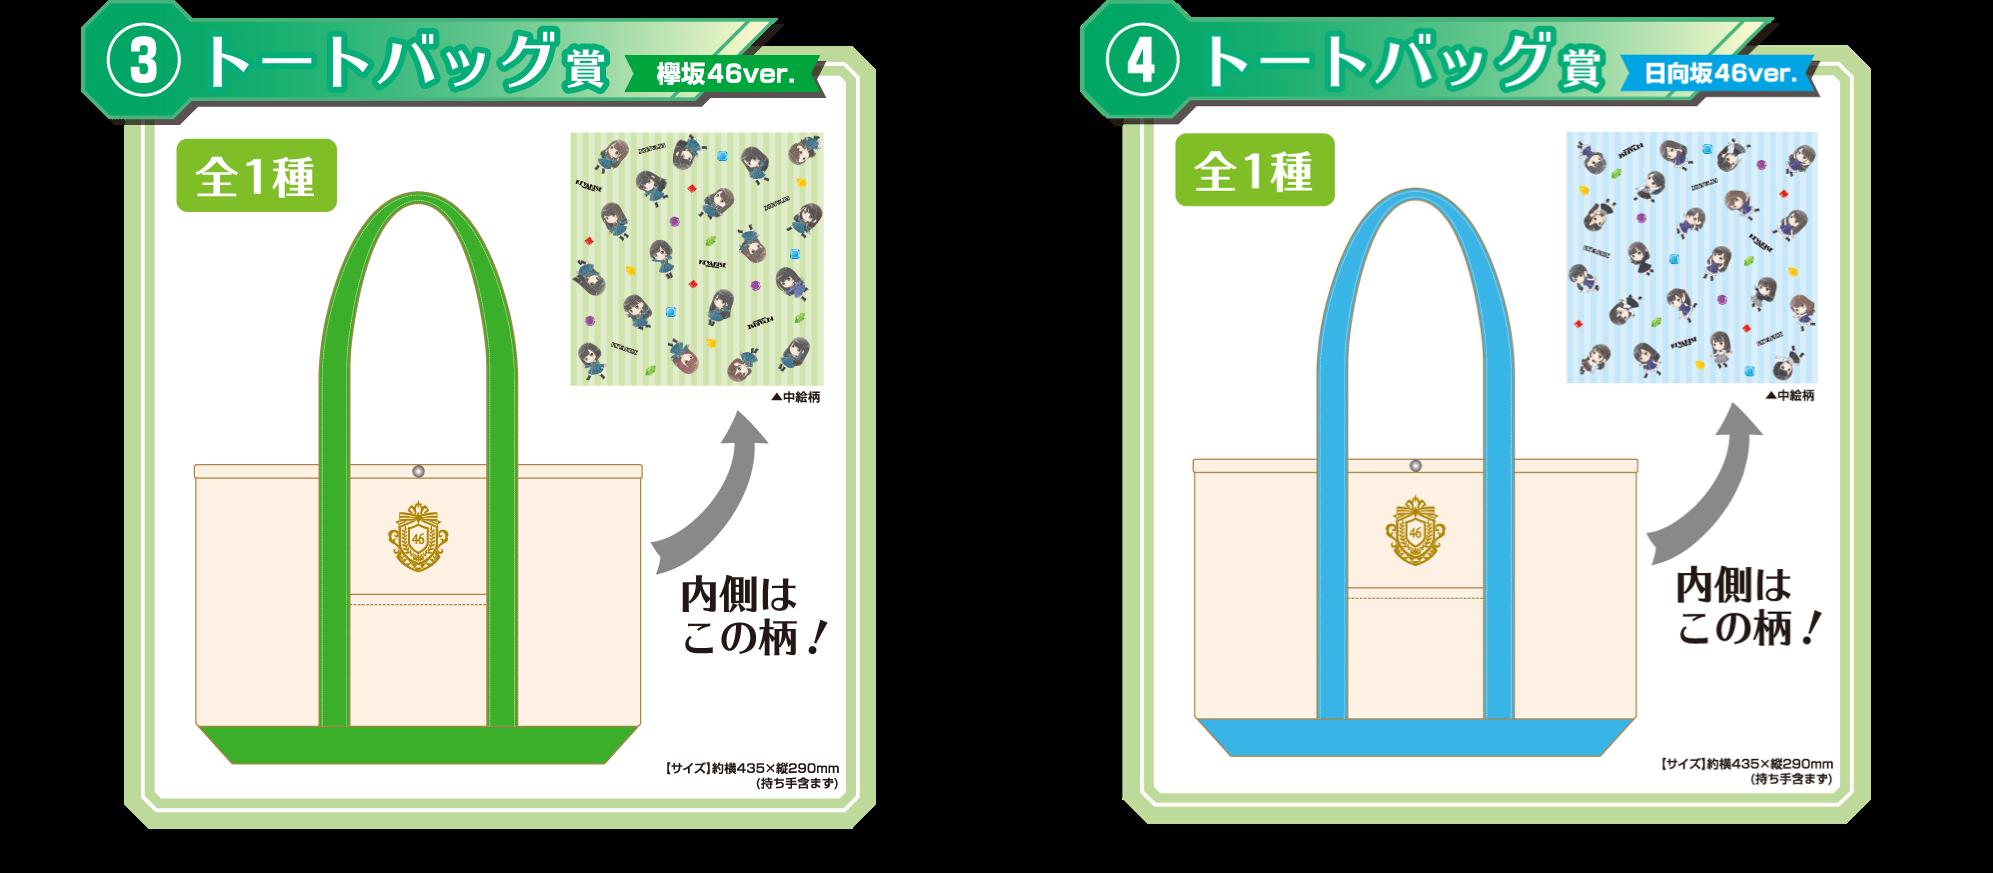 トートバッグ賞